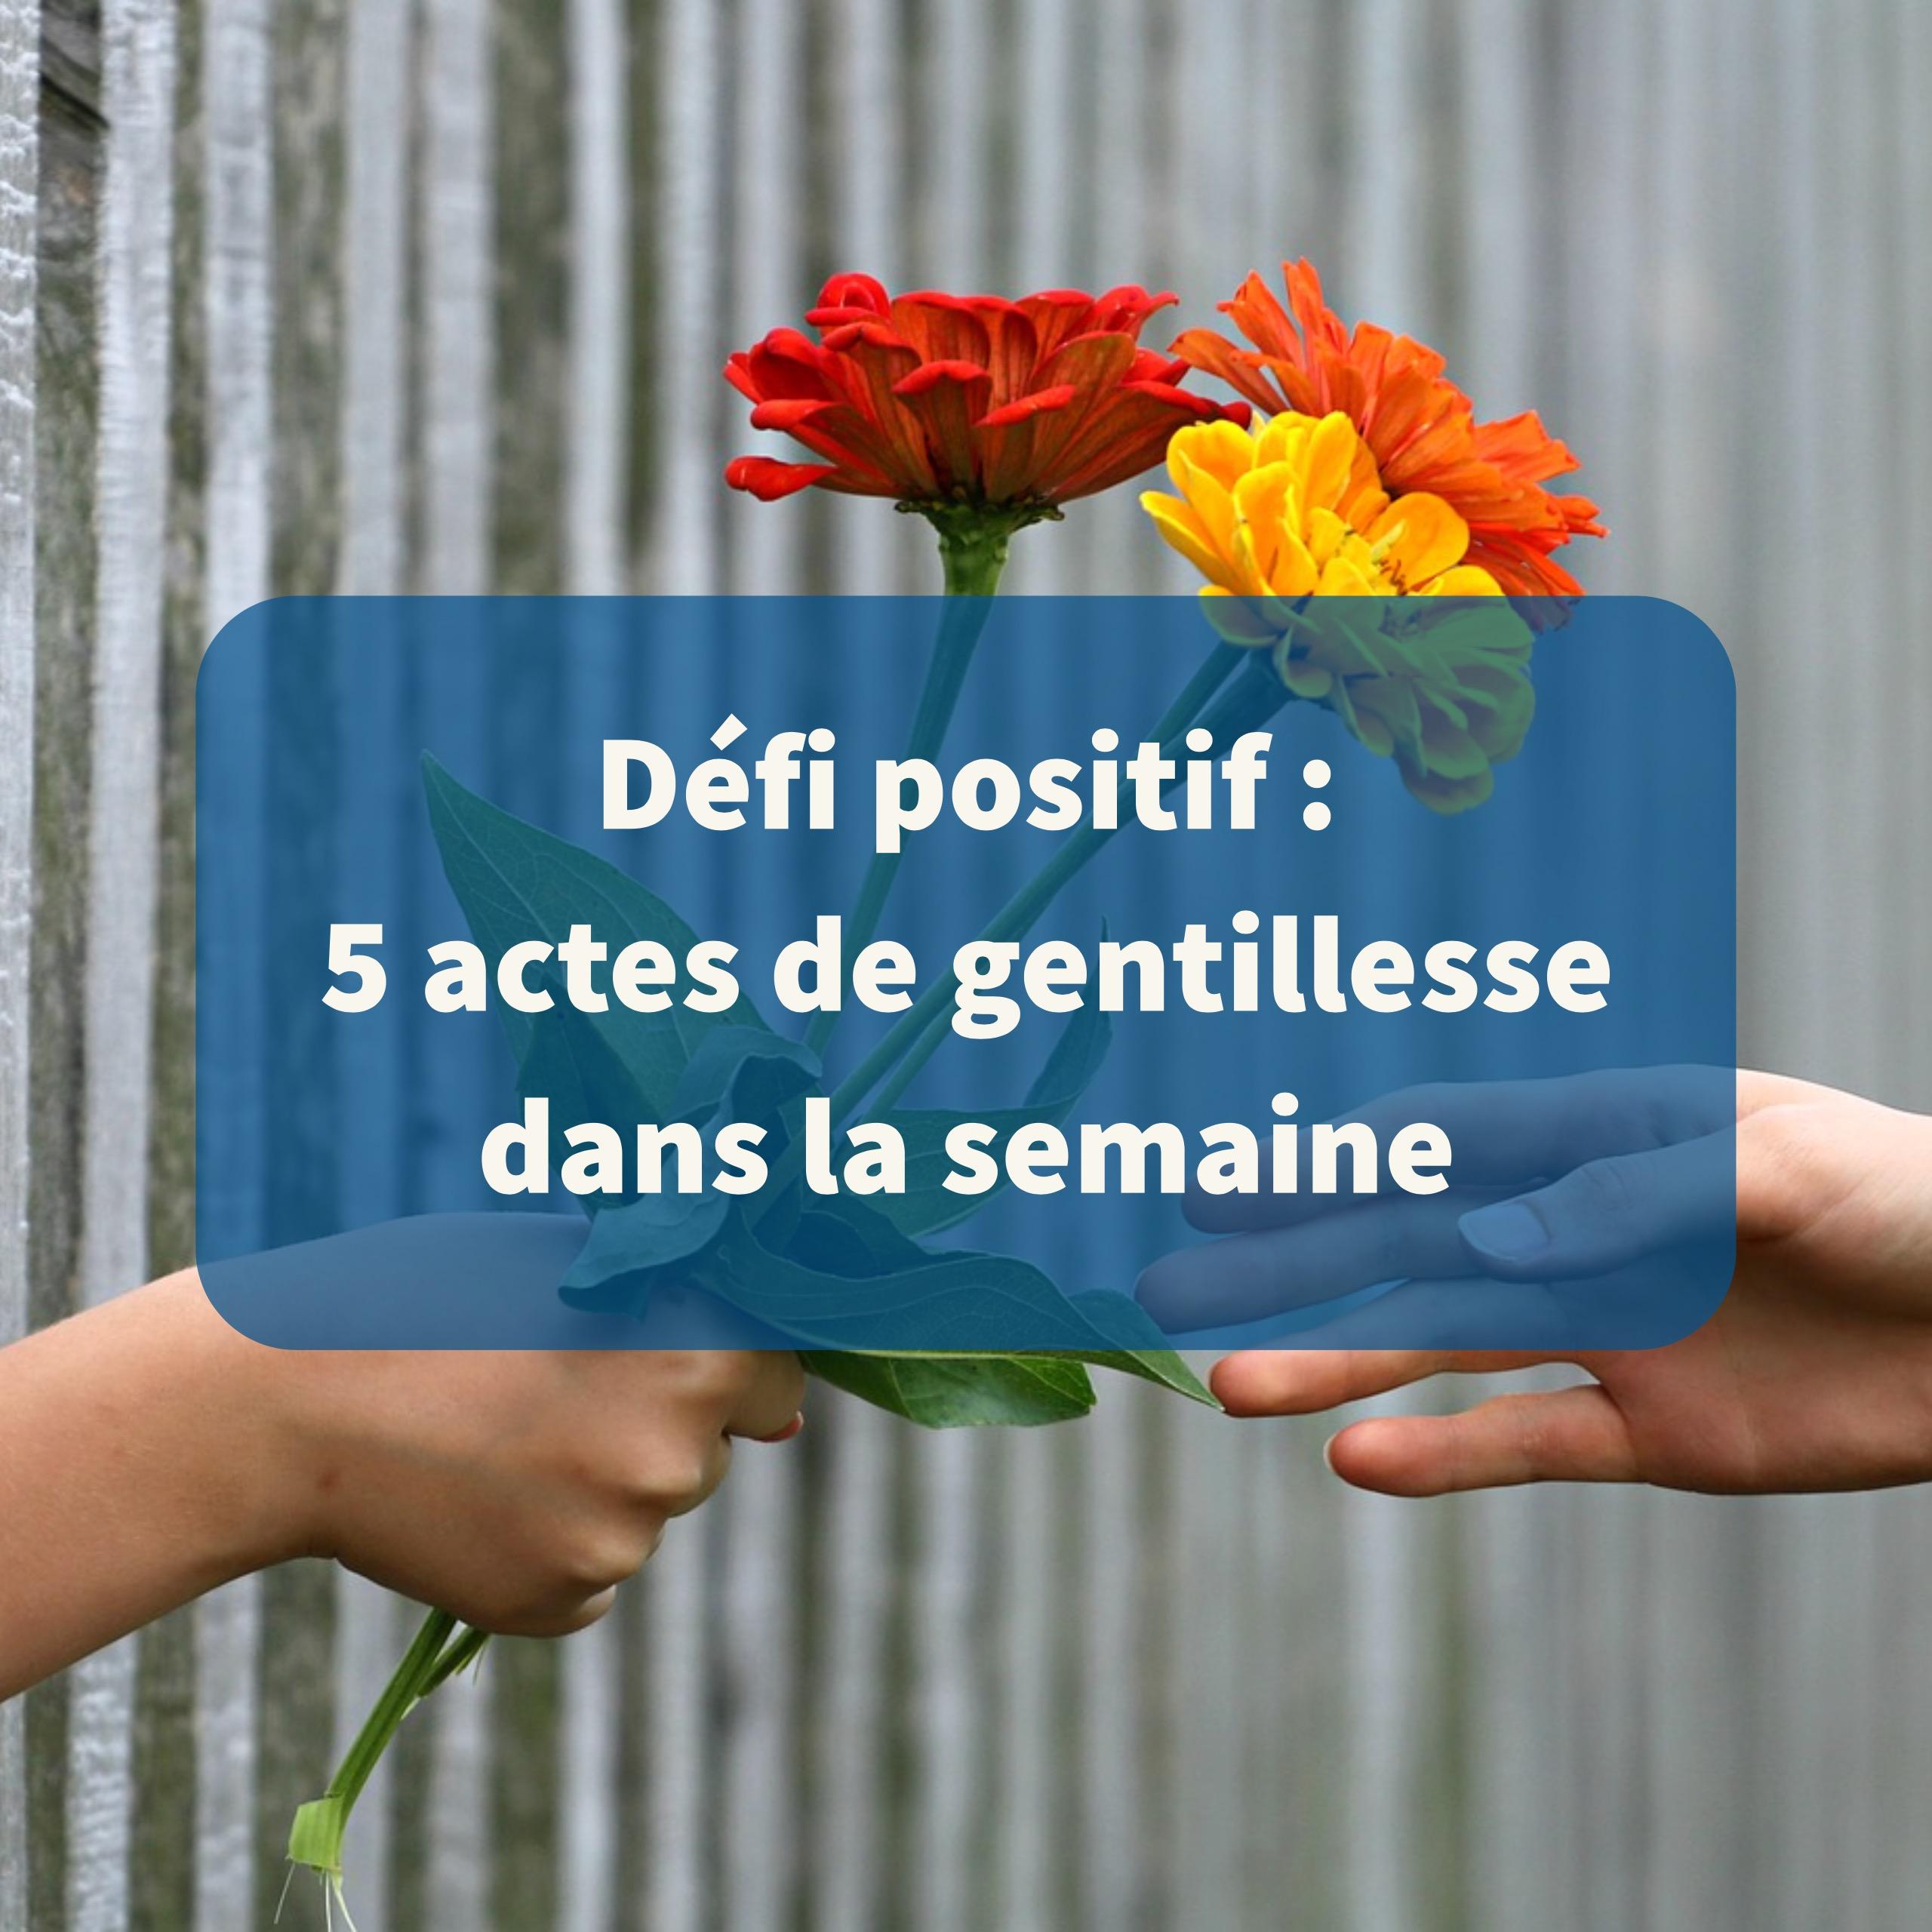 Défi positif 5 actes de gentillesse dans la semaine